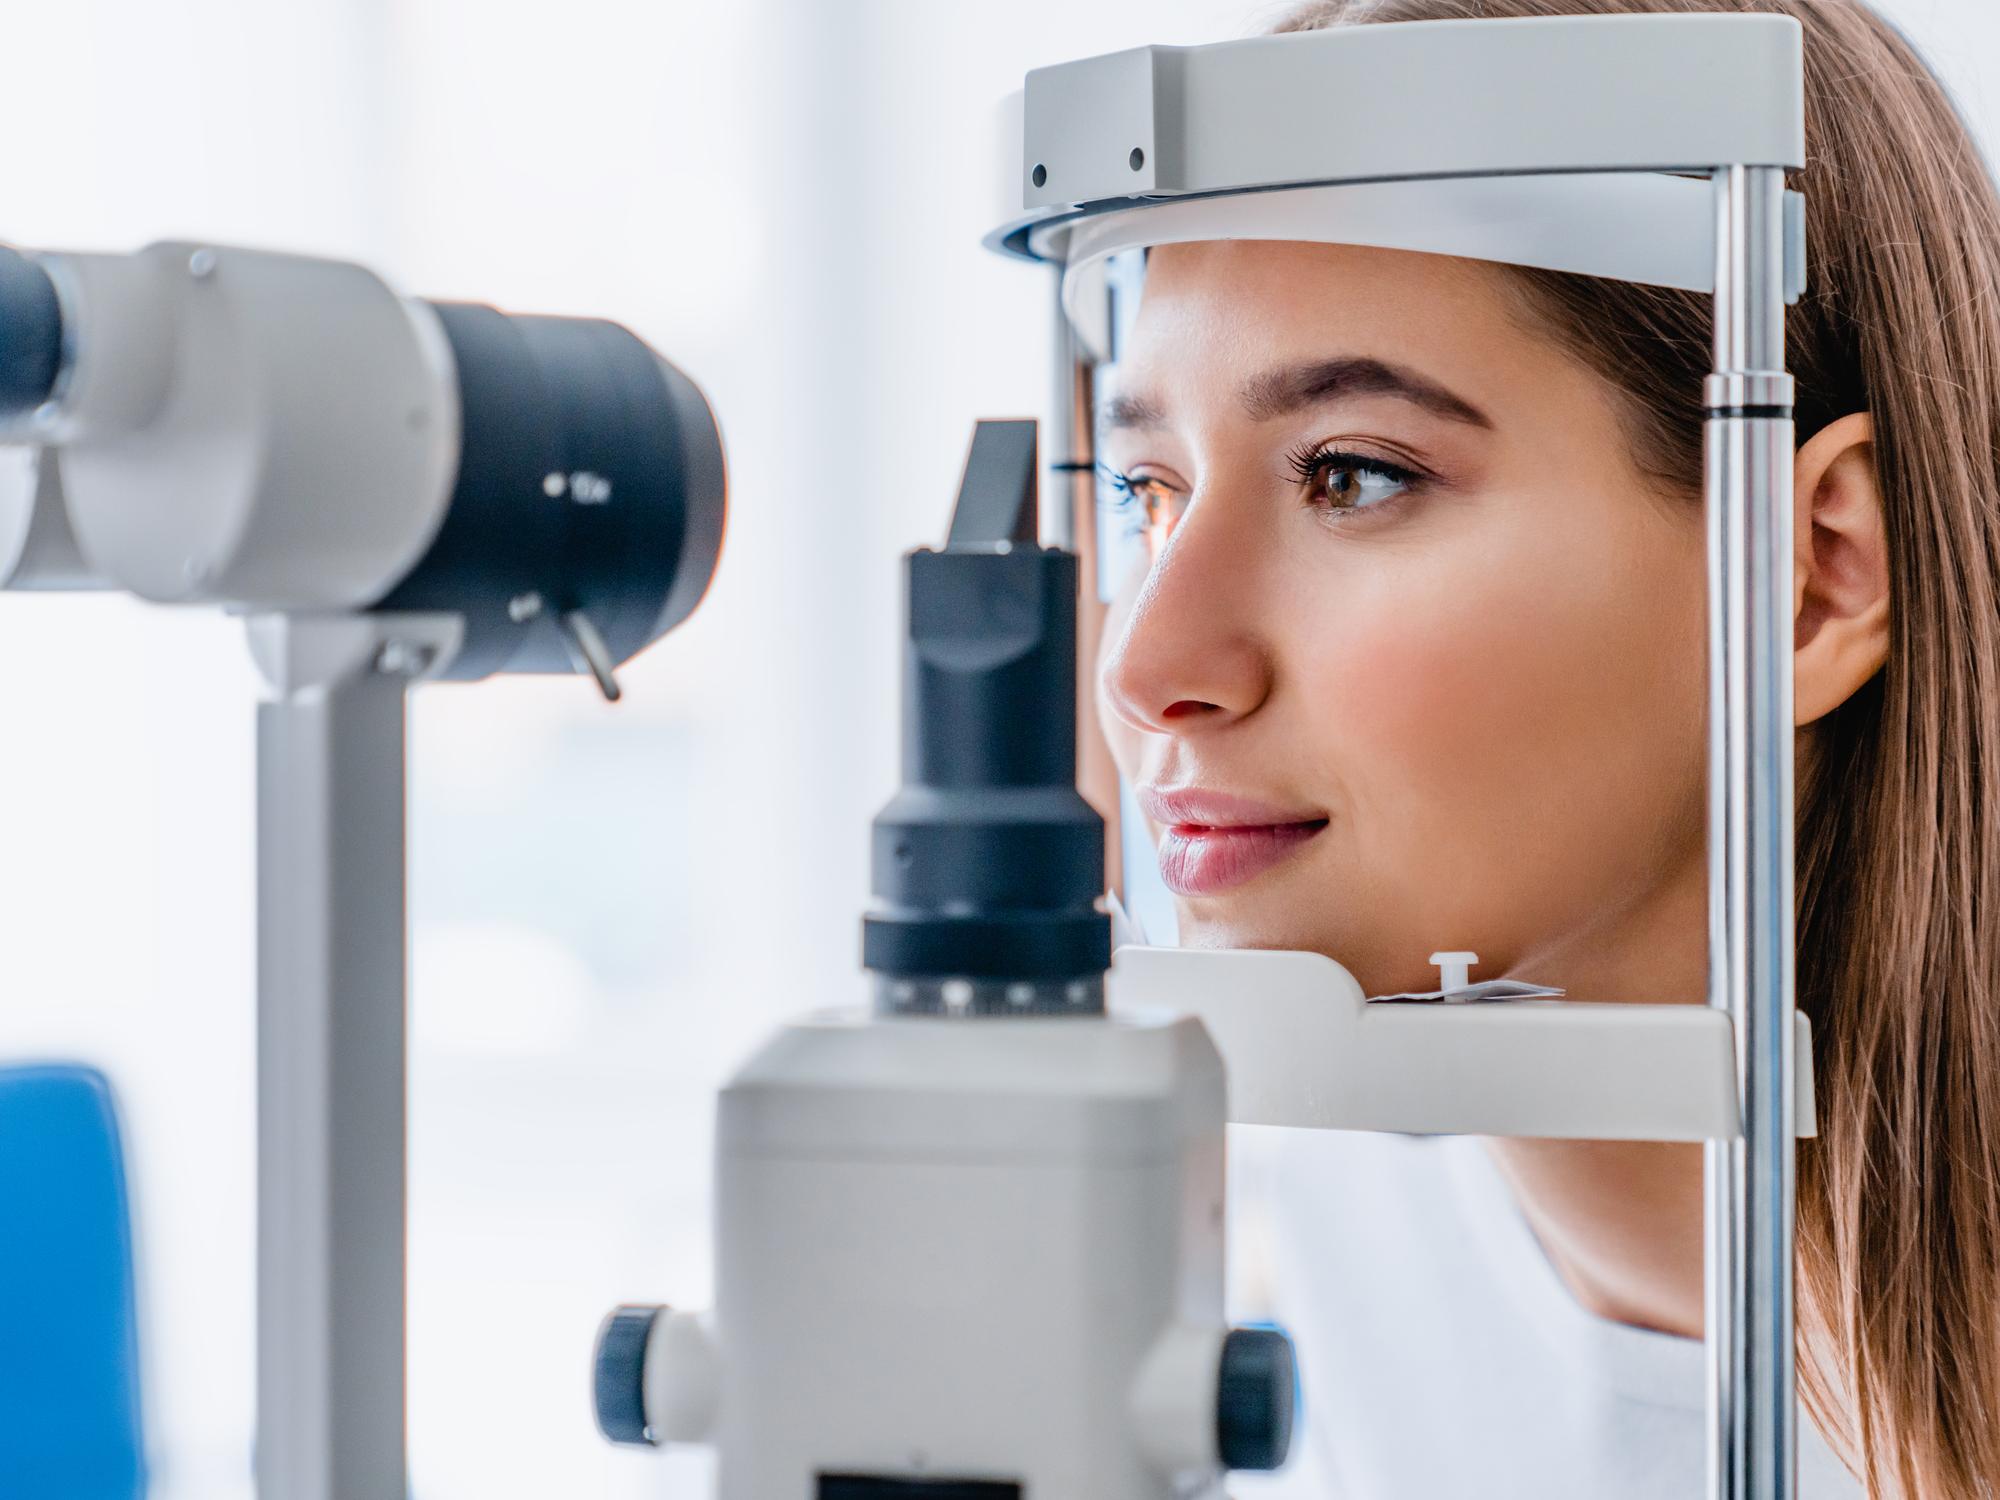 Vision Screenings vs. Eye Exams